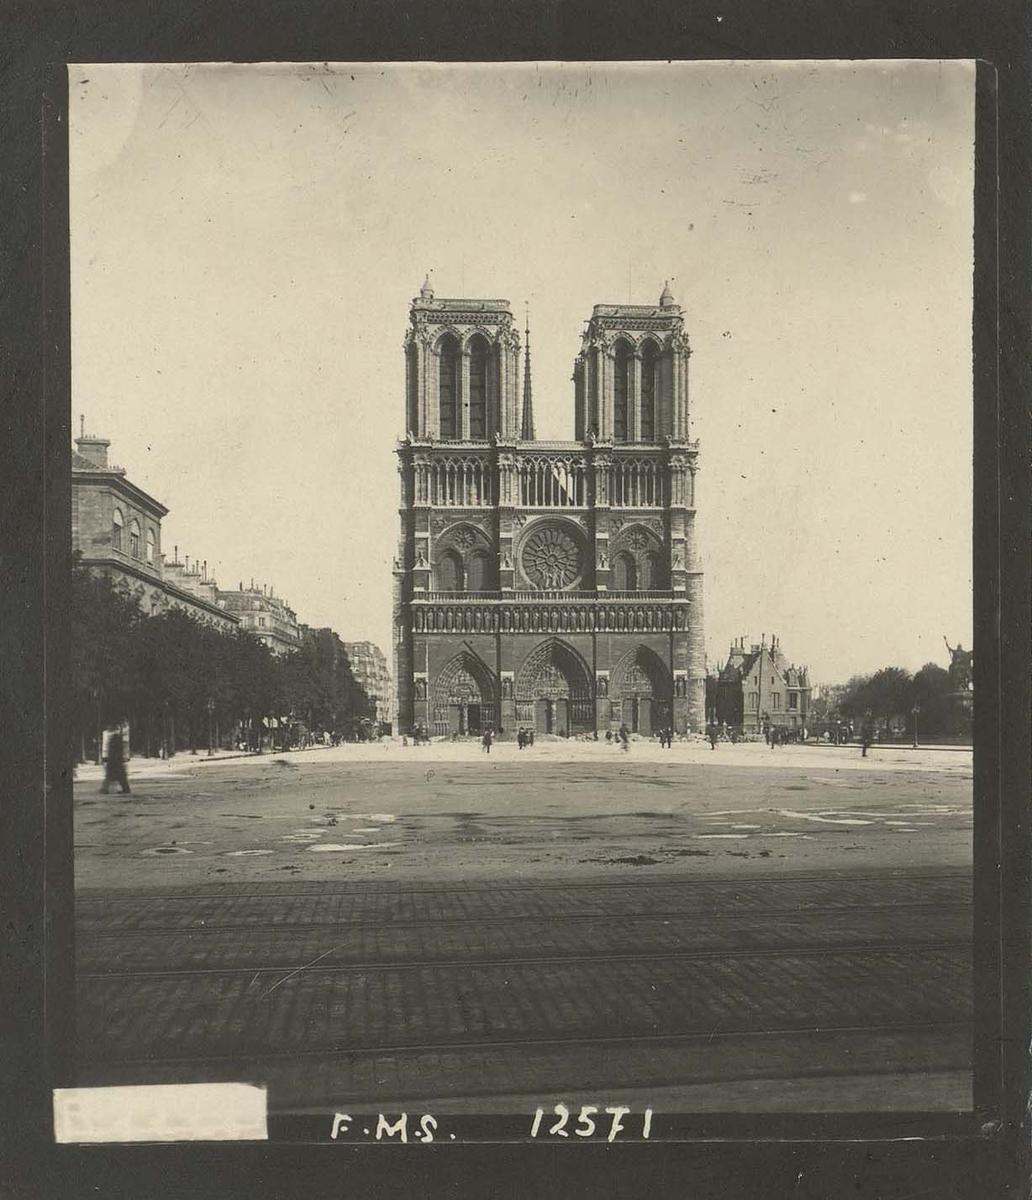 Photographie de la cathédrale Notre-Dame de Paris - Martin-Sabon avant 1933